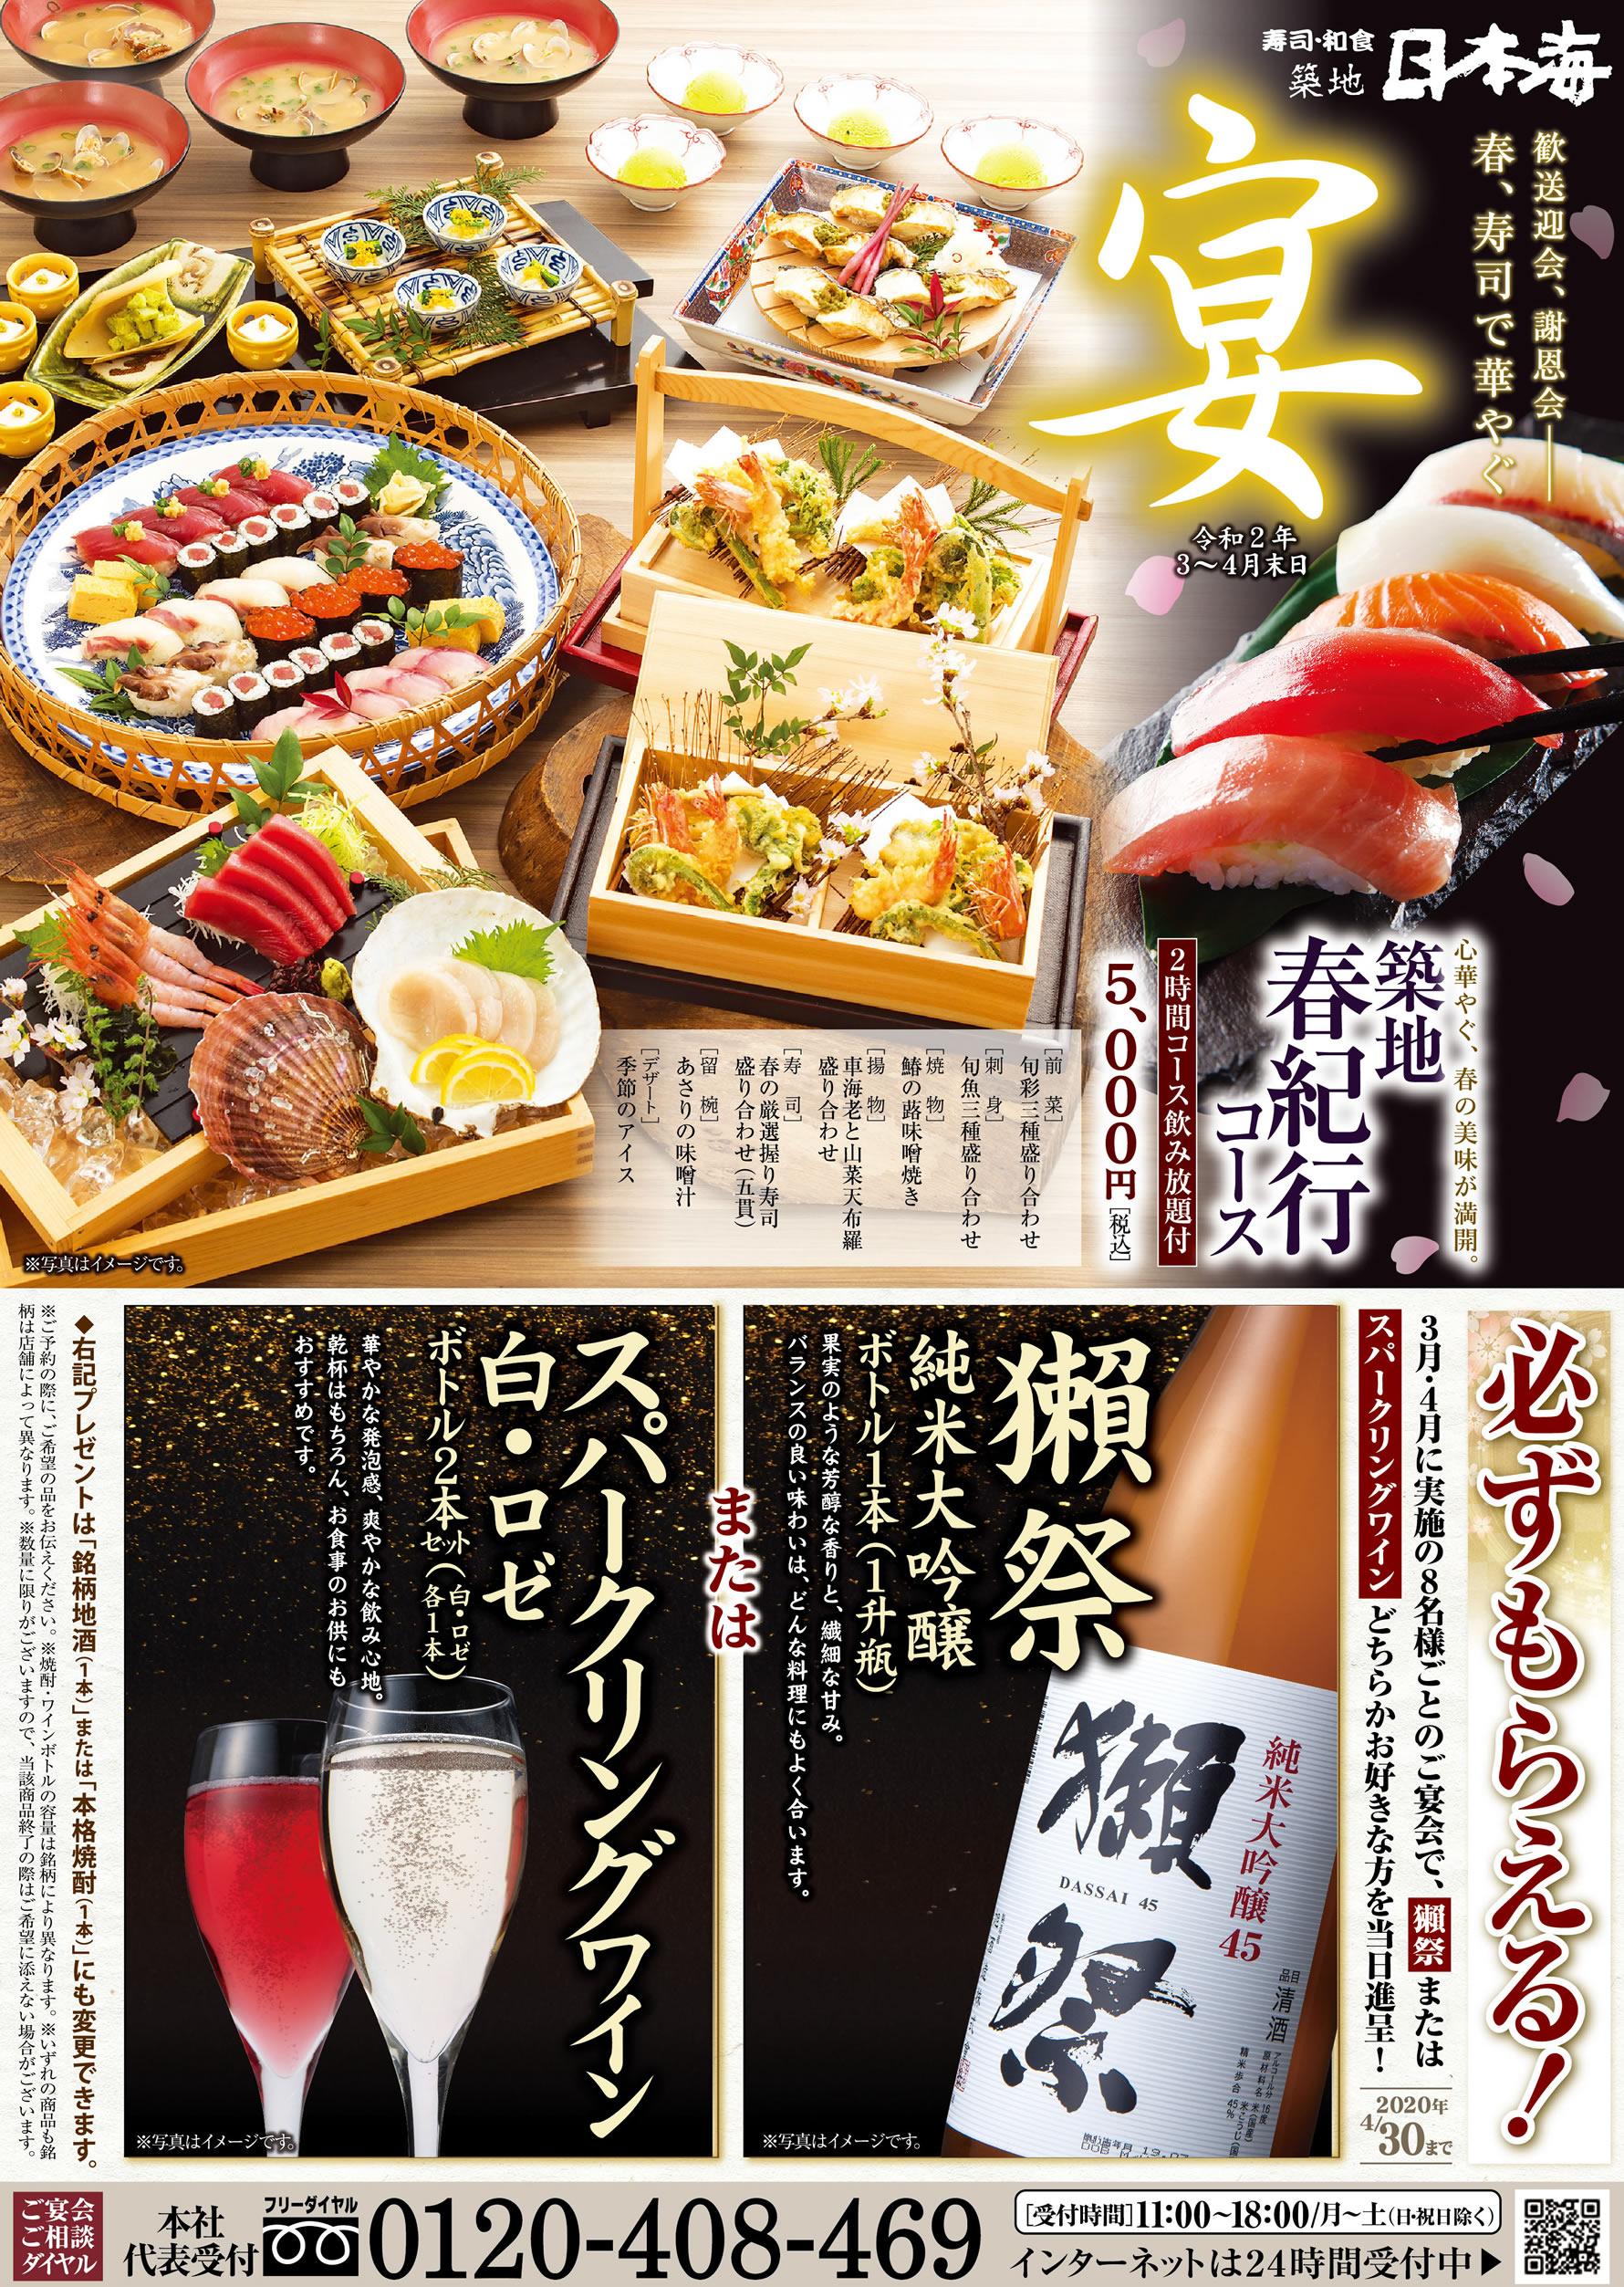 【築地日本海】3月1日より「春宴会コース」登場!